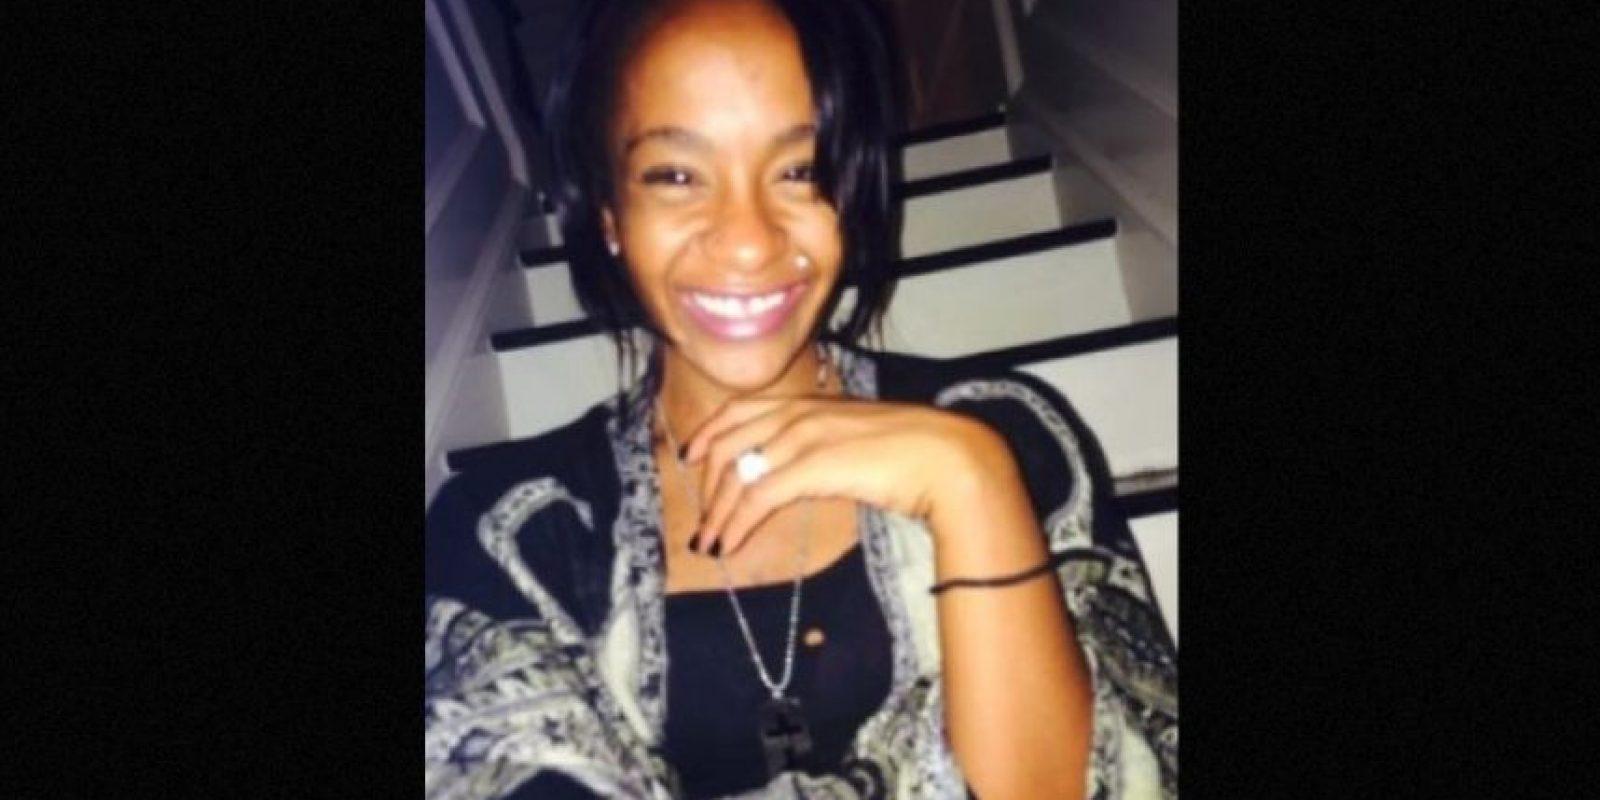 Fue encontrada inconsciente en la bañera de su casa. Foto:Twitter/REALbkBrown